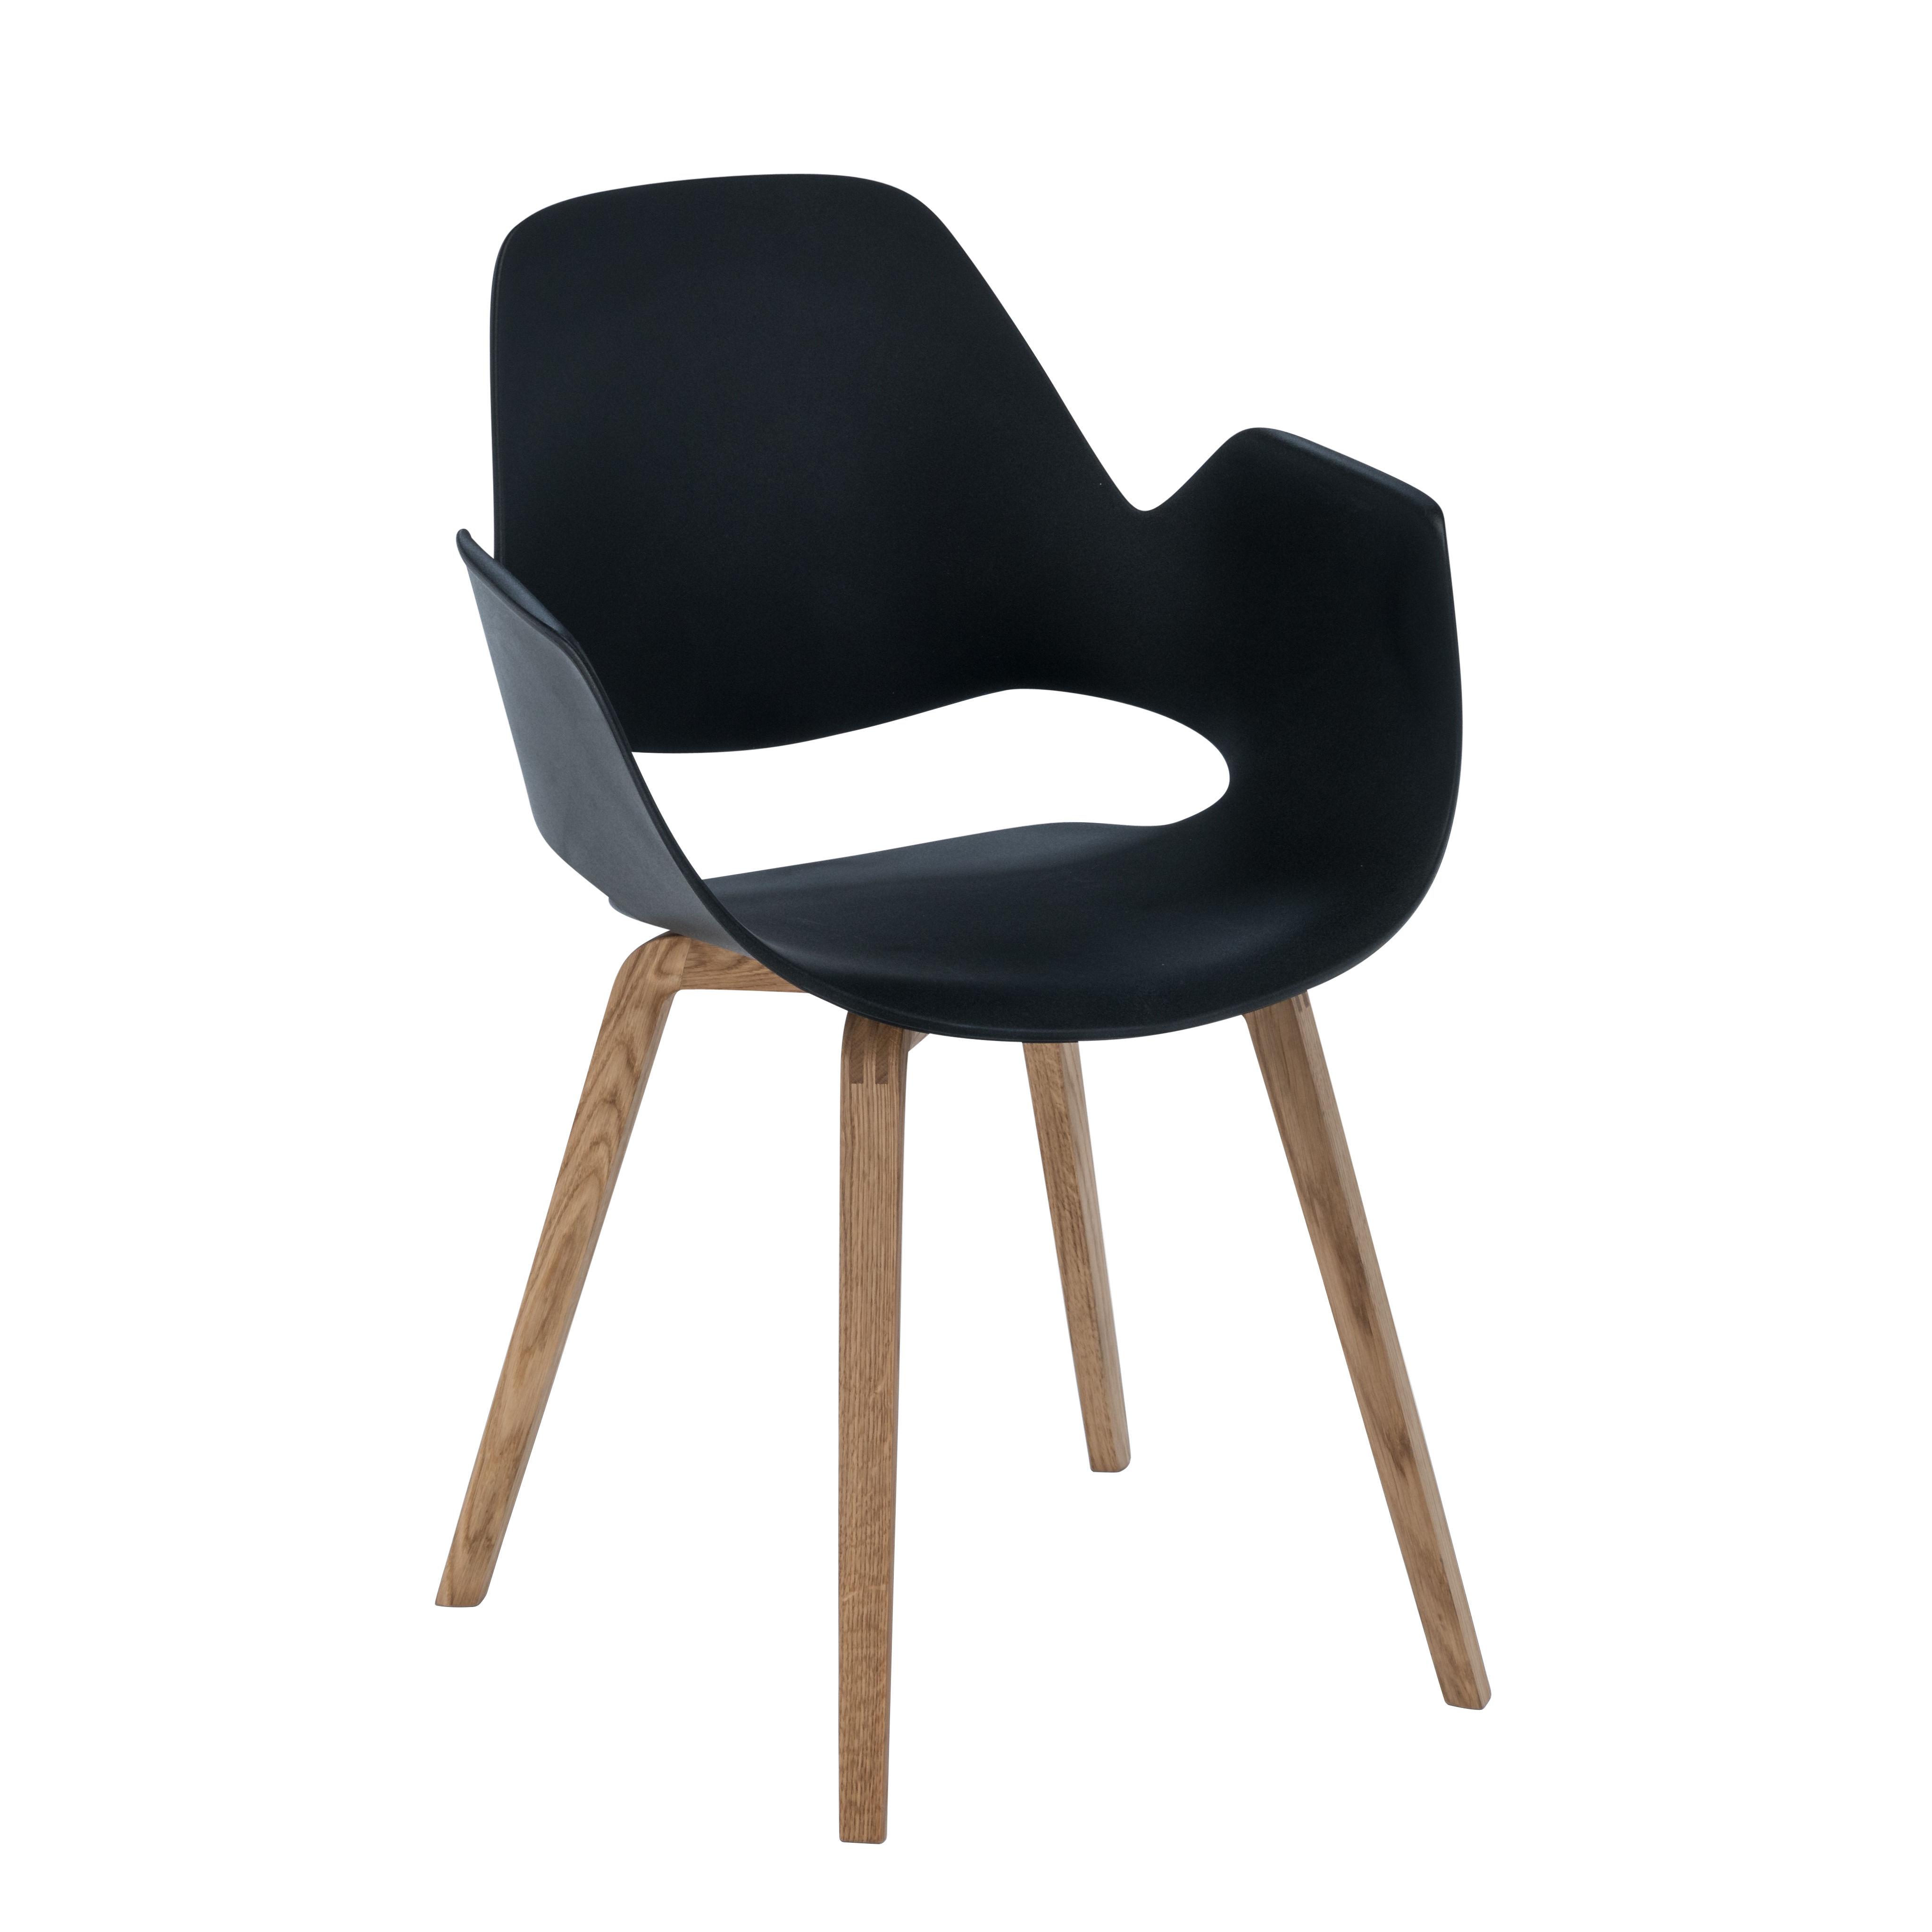 Mobilier - Chaises, fauteuils de salle à manger - Fauteuil Falk / Déchets ménagers recyclés - Pieds chêne - Houe - Noir / Pieds chêne - Chêne massif huilé FSC, Plastique recyclé